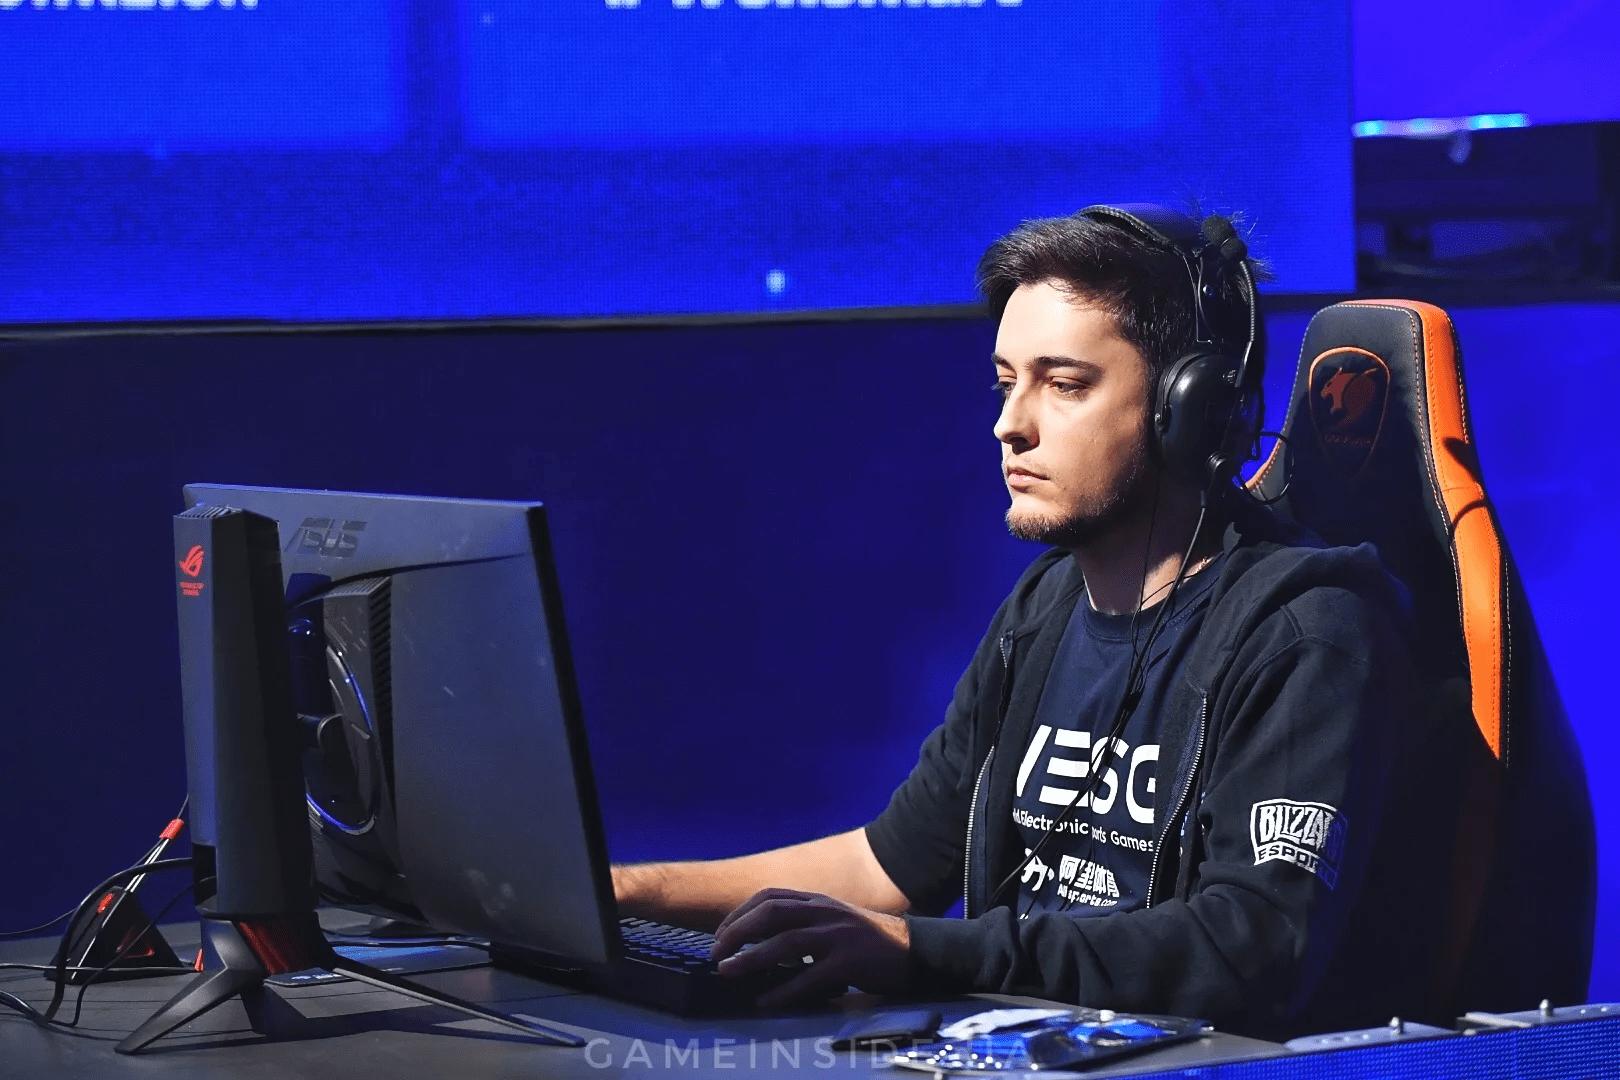 600 турниров за карьеру Самые трудолюбивые киберспортсмены мира